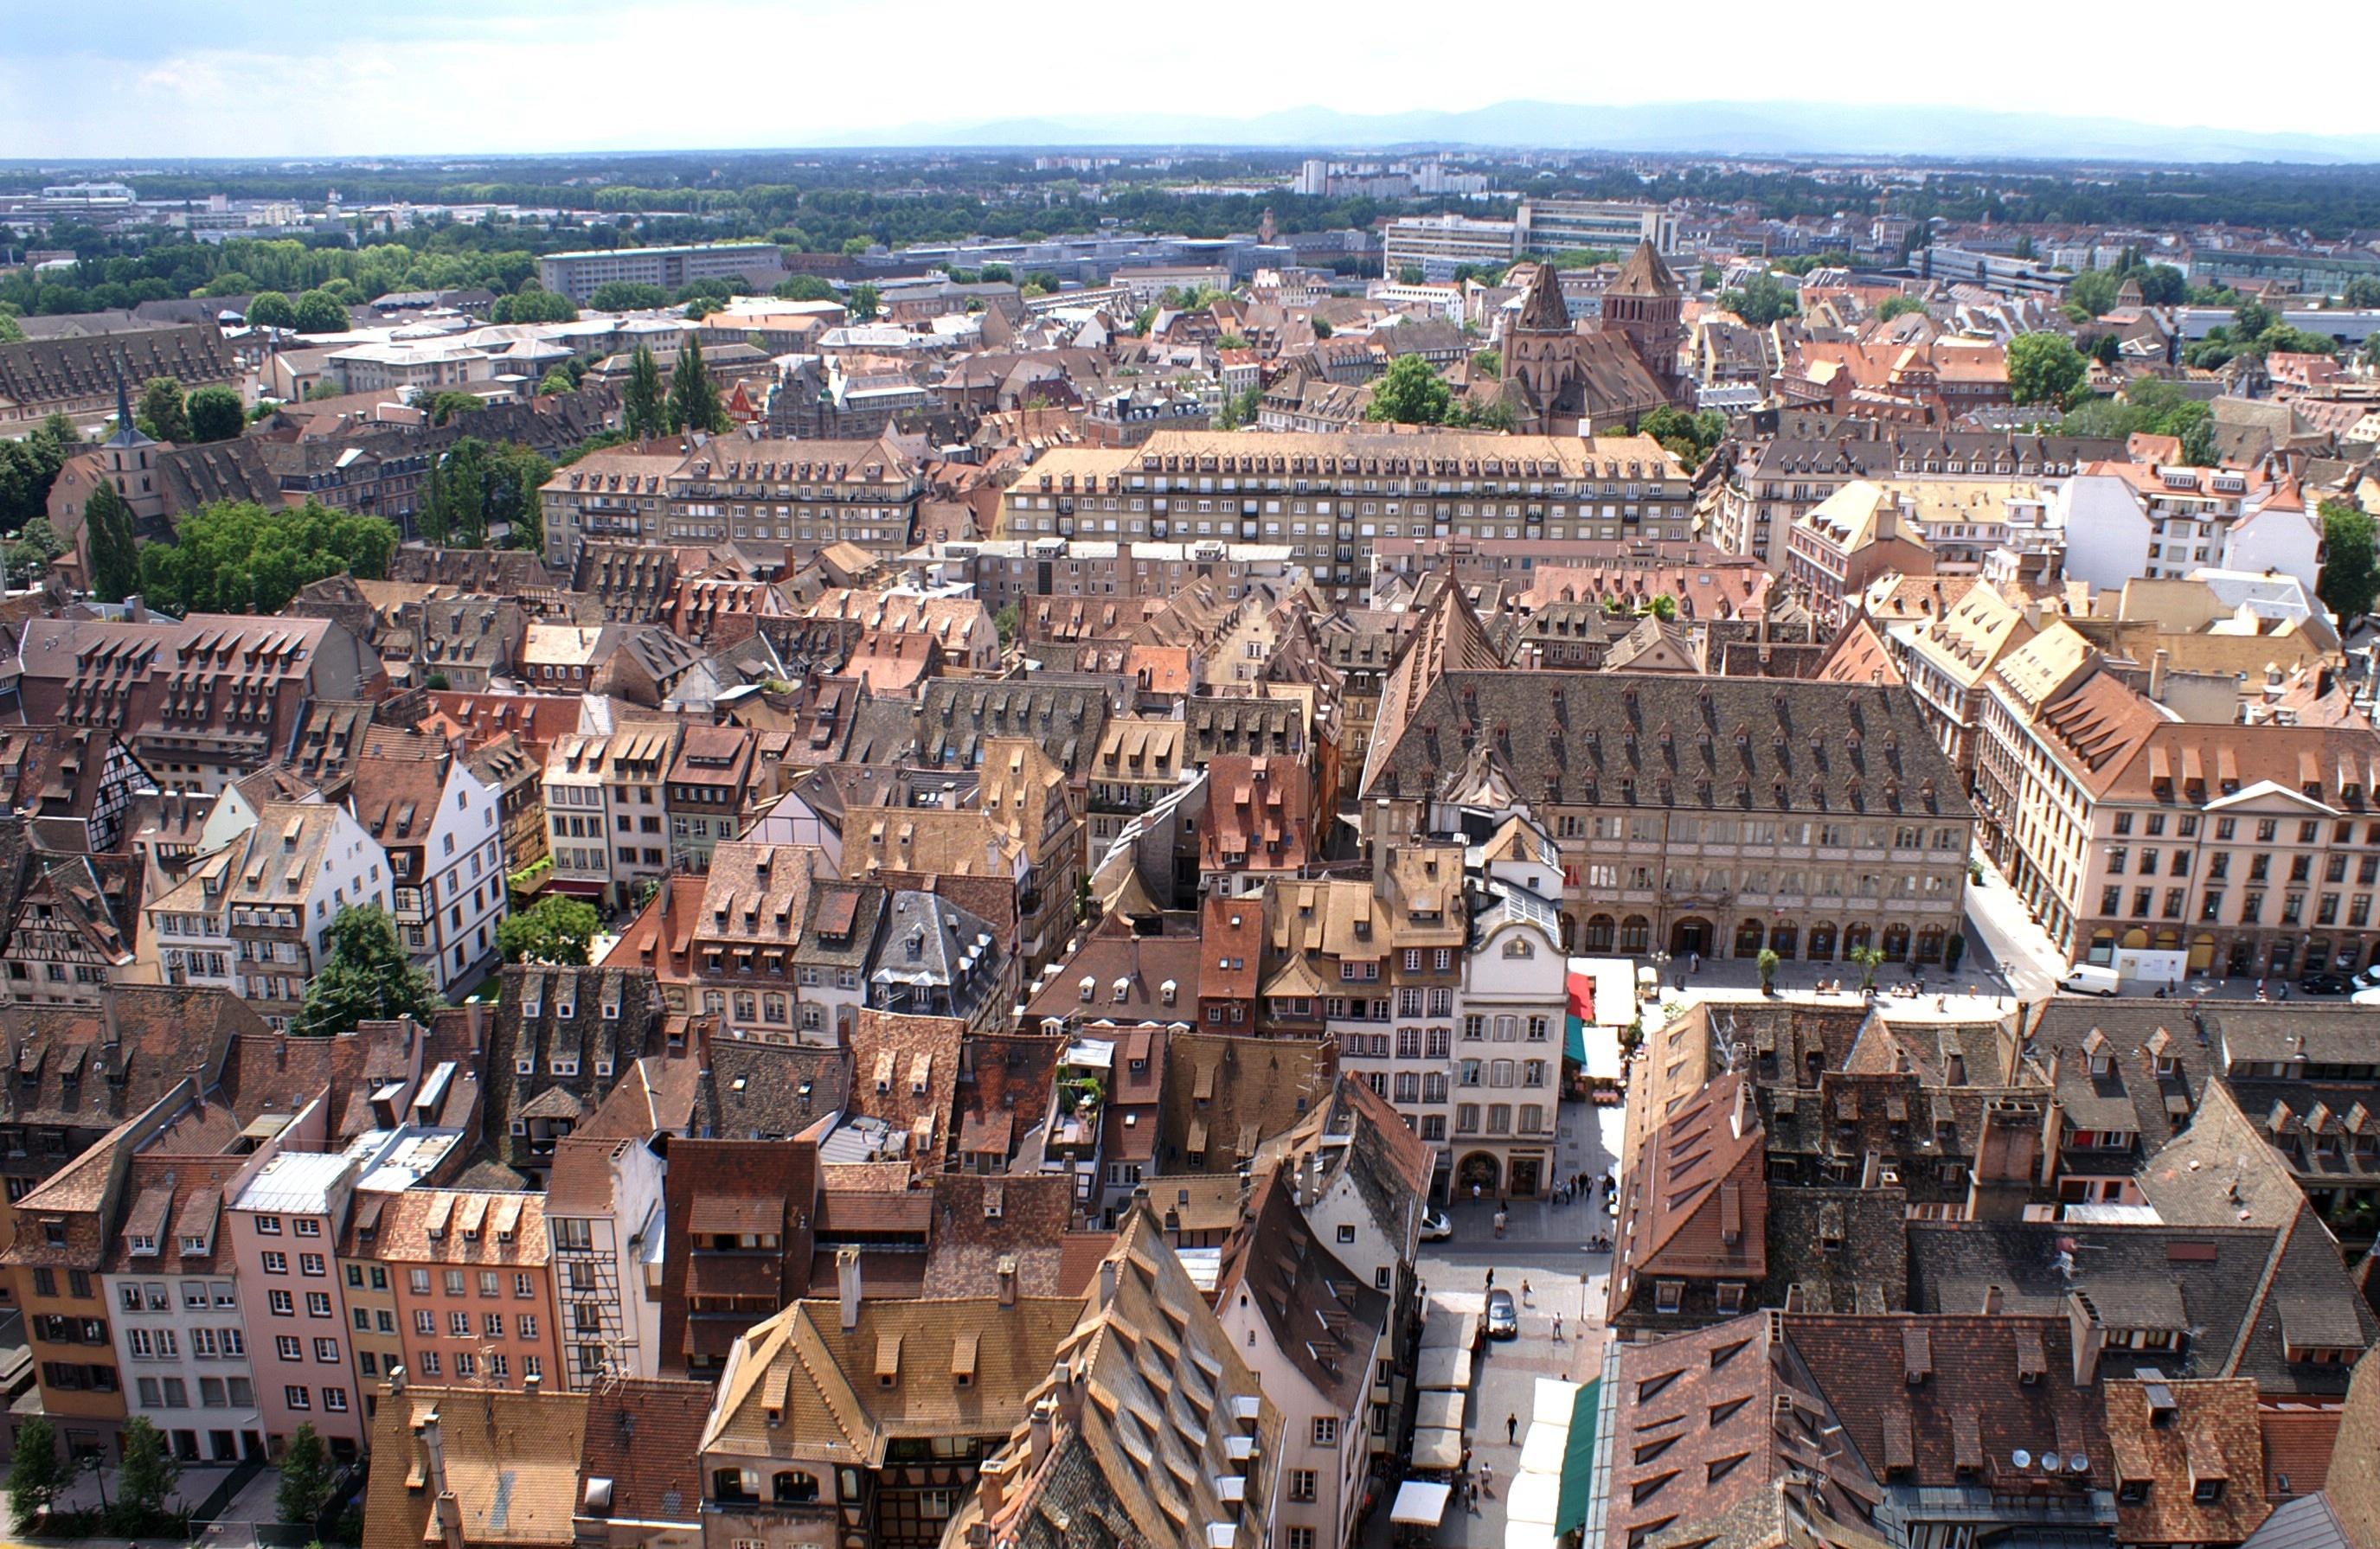 Straßburg: Von Der Grande île Zur Neustadt, Eine Europäische Stadtszenerie